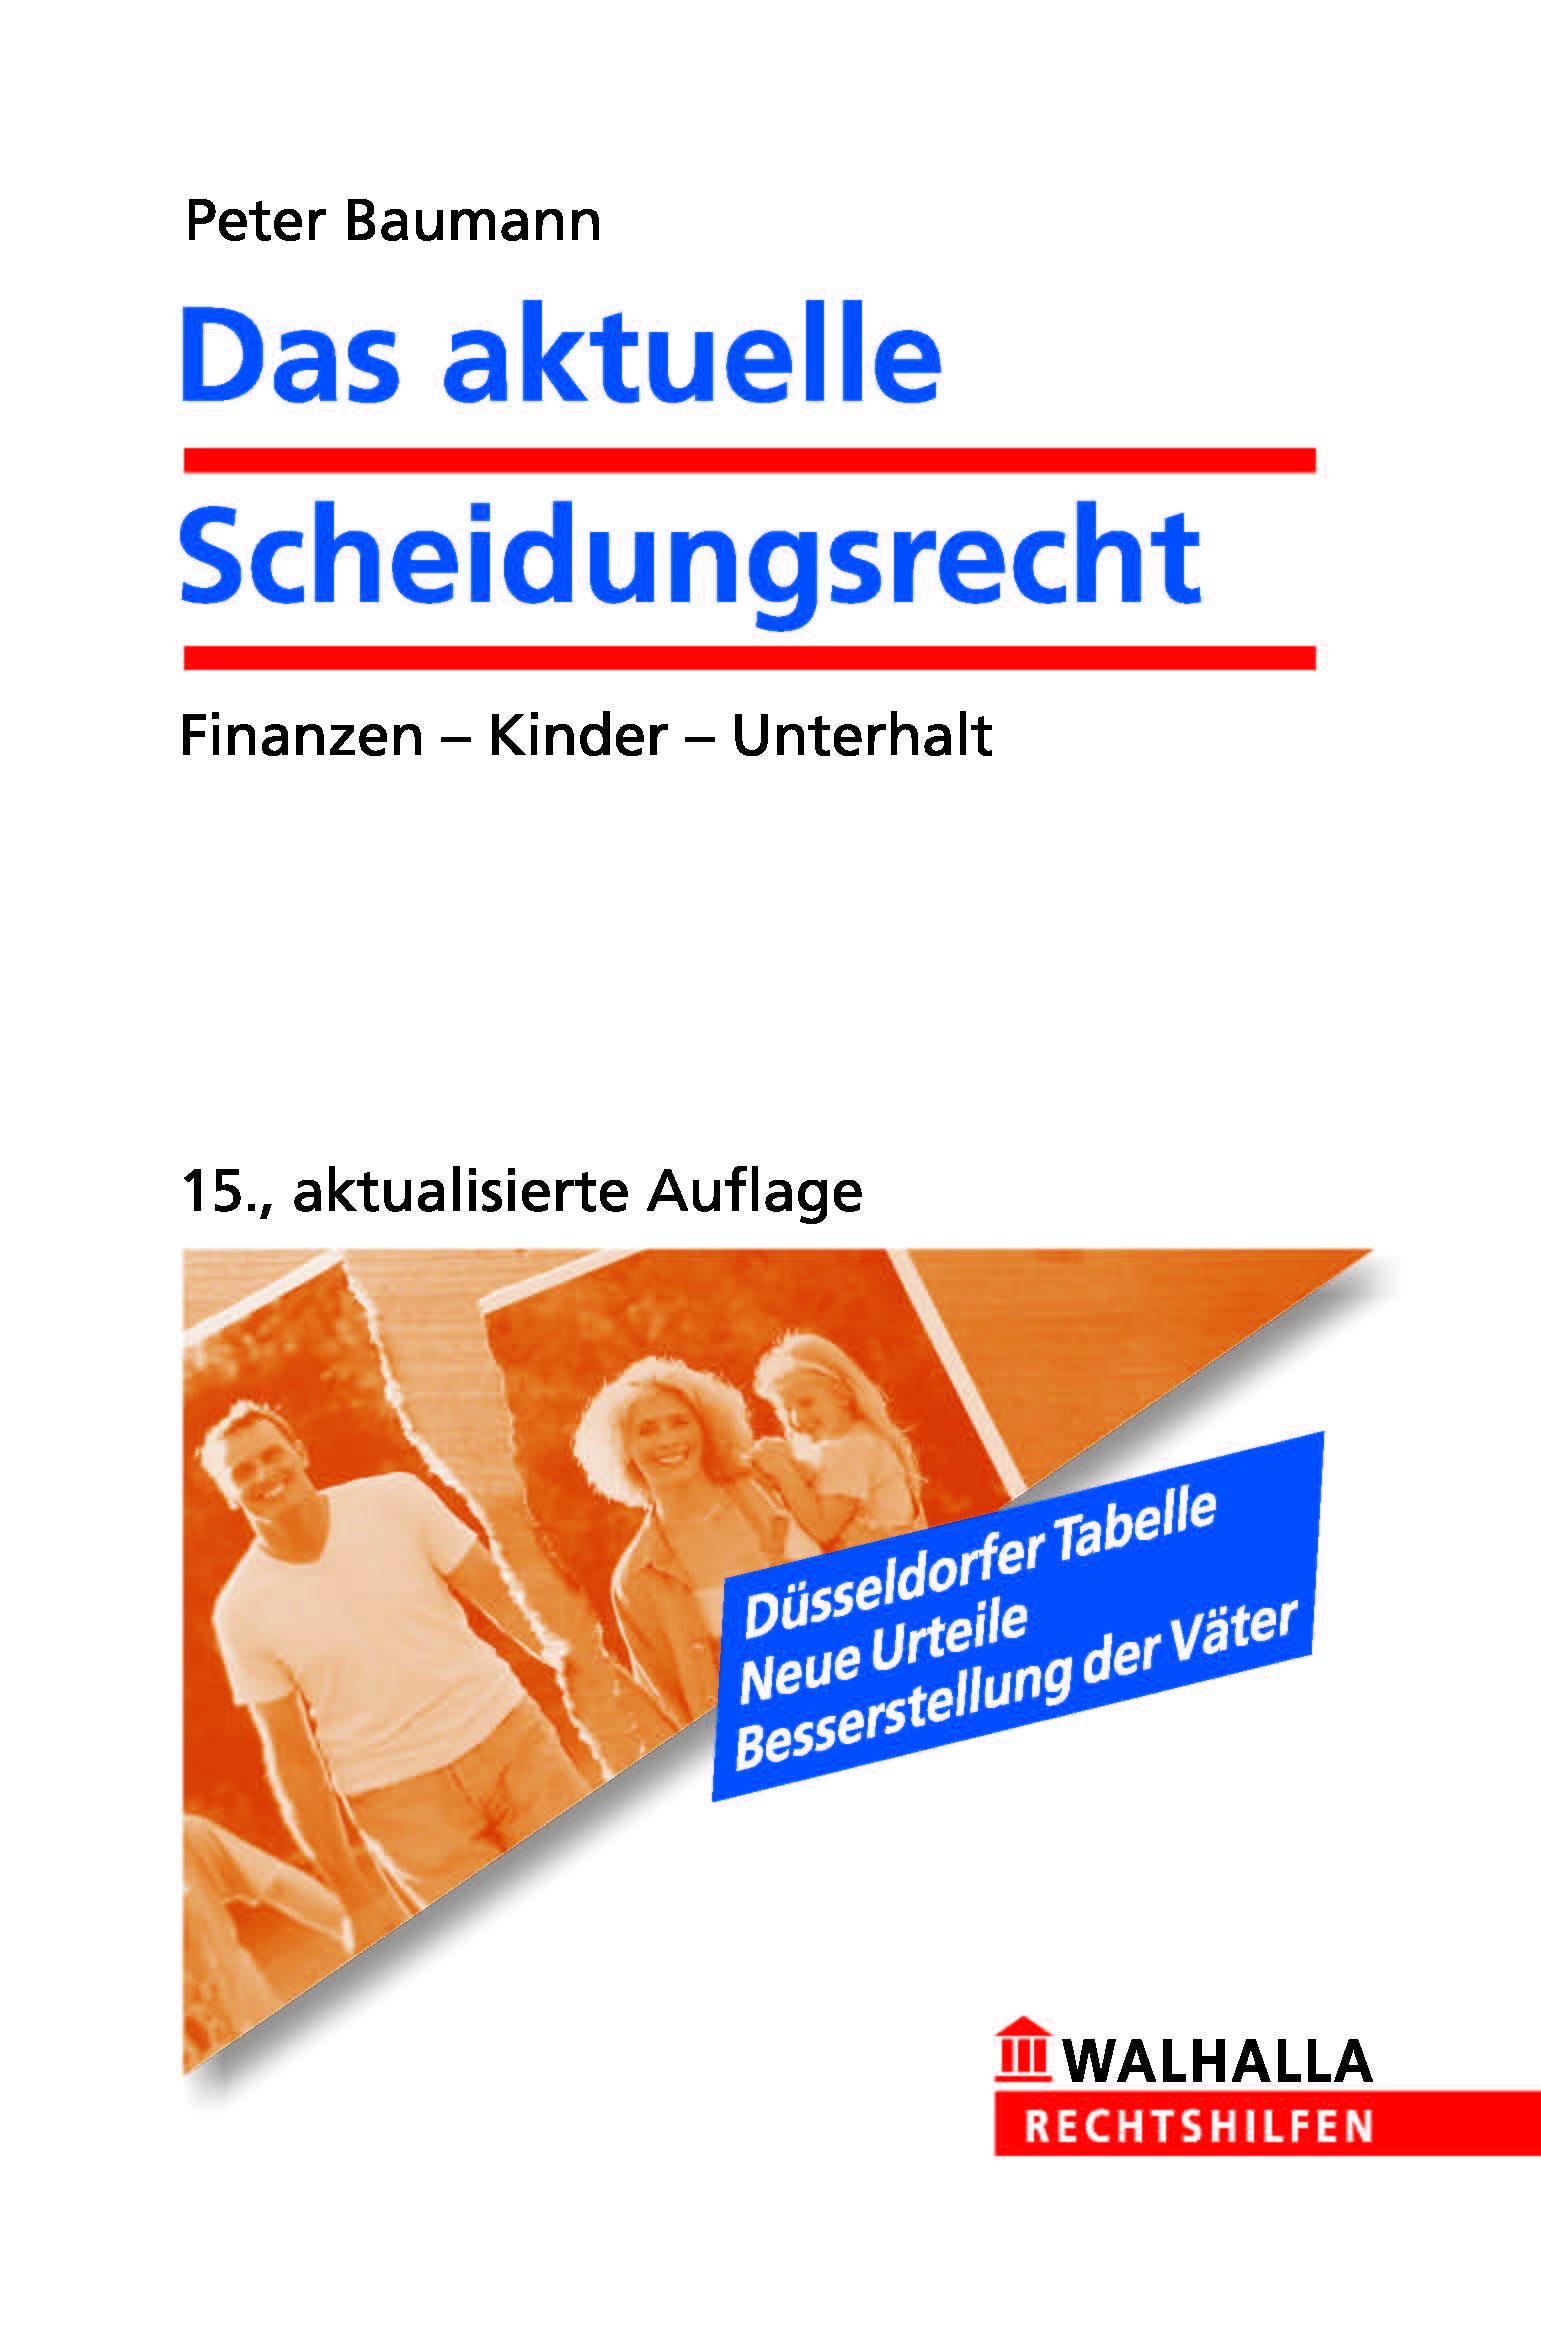 Das aktuelle Scheidungsrecht - Peter Baumann (15.Aufl.)(2011)